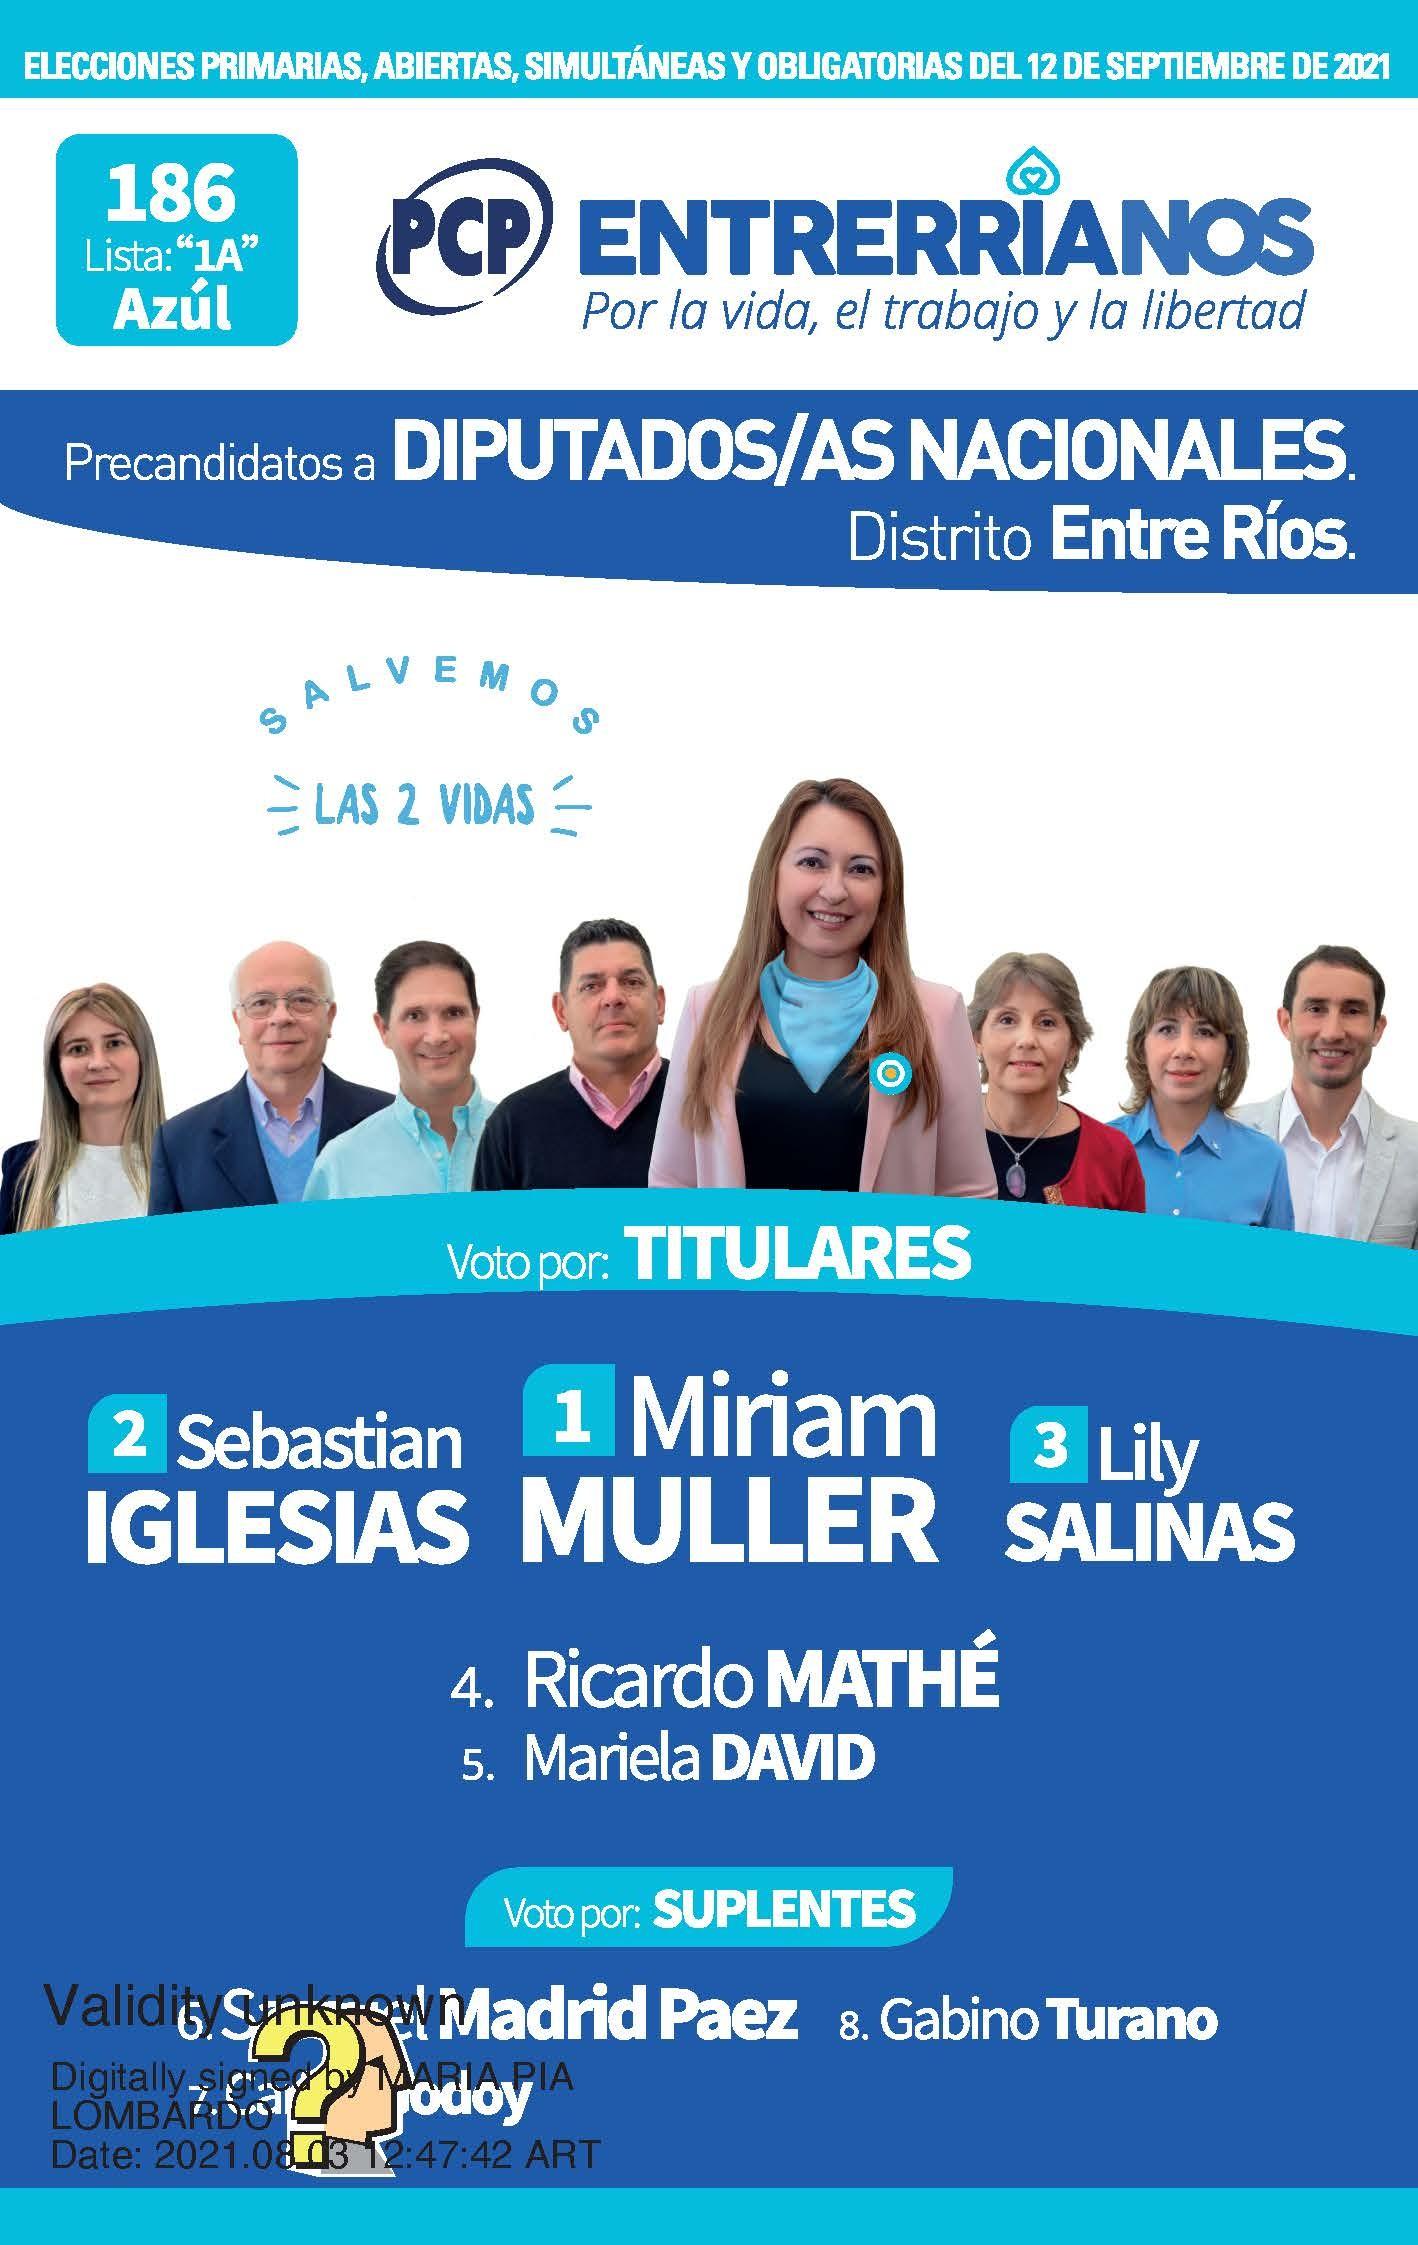 PCP-Entrerrianos.jpg